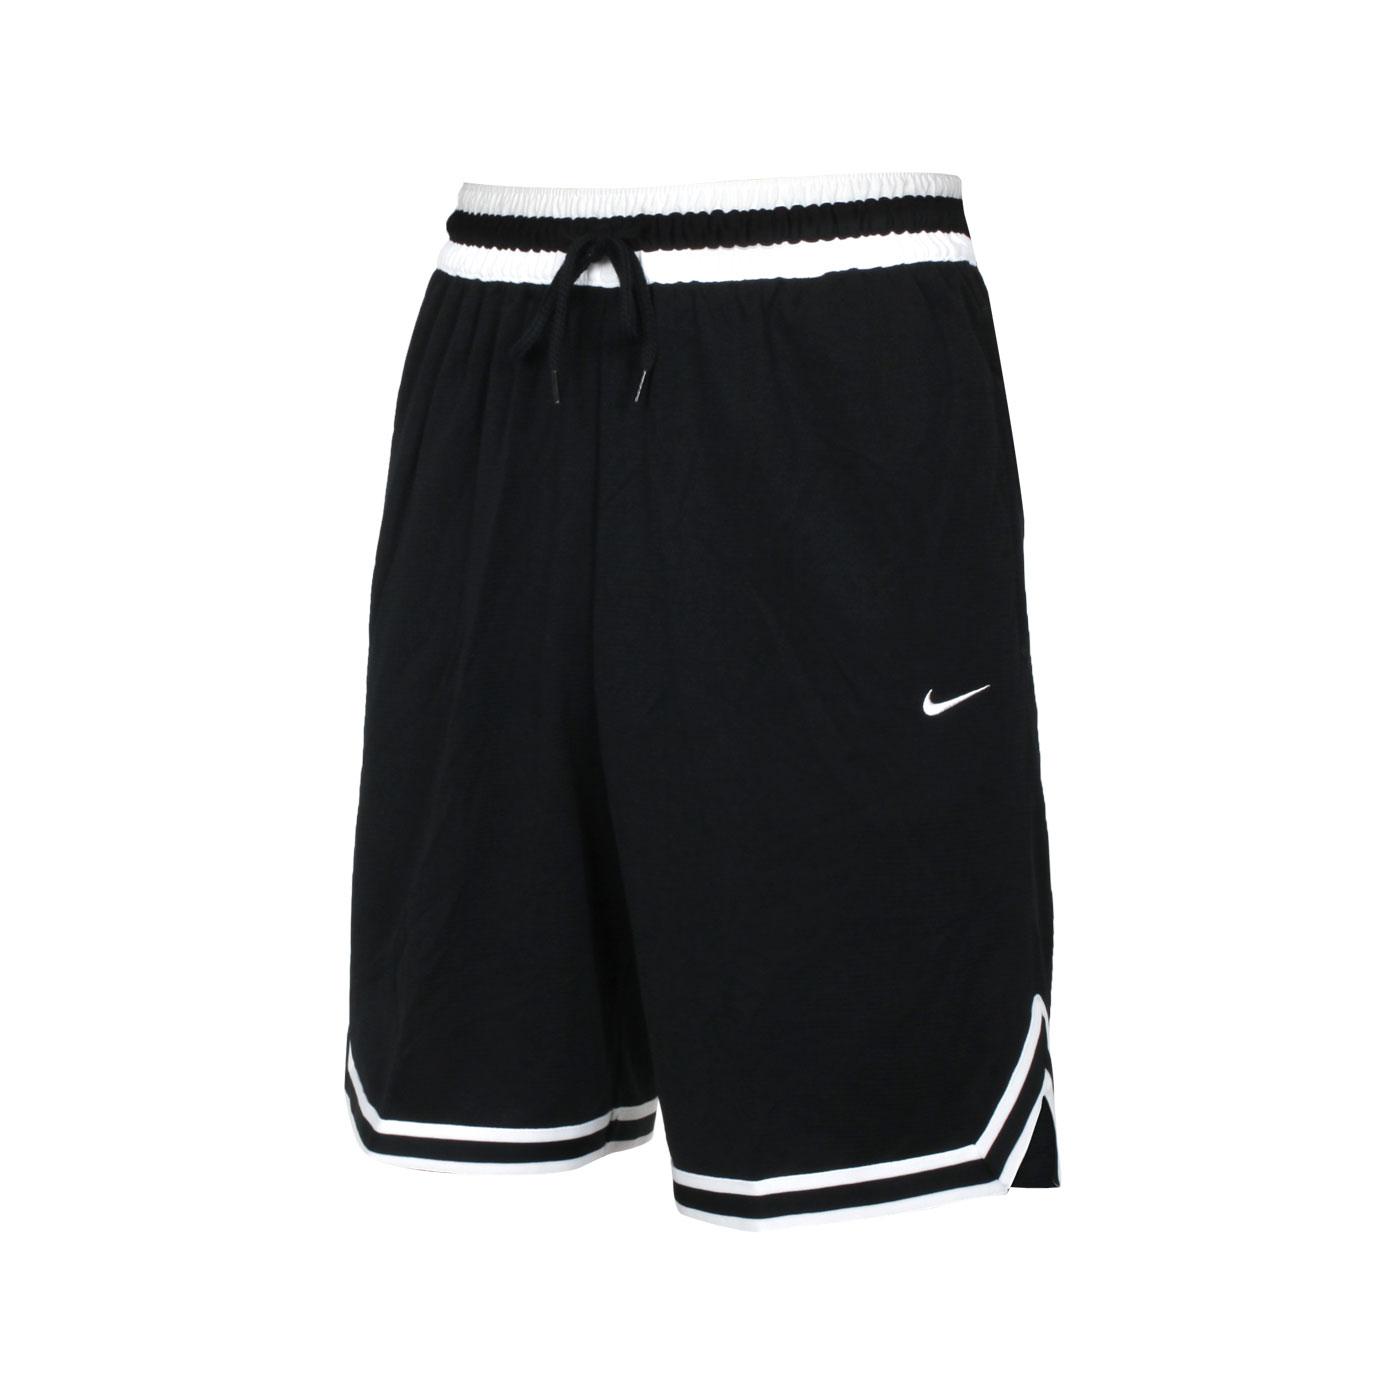 NIKE 男款籃球運動短褲 DA5845-010 - 黑白